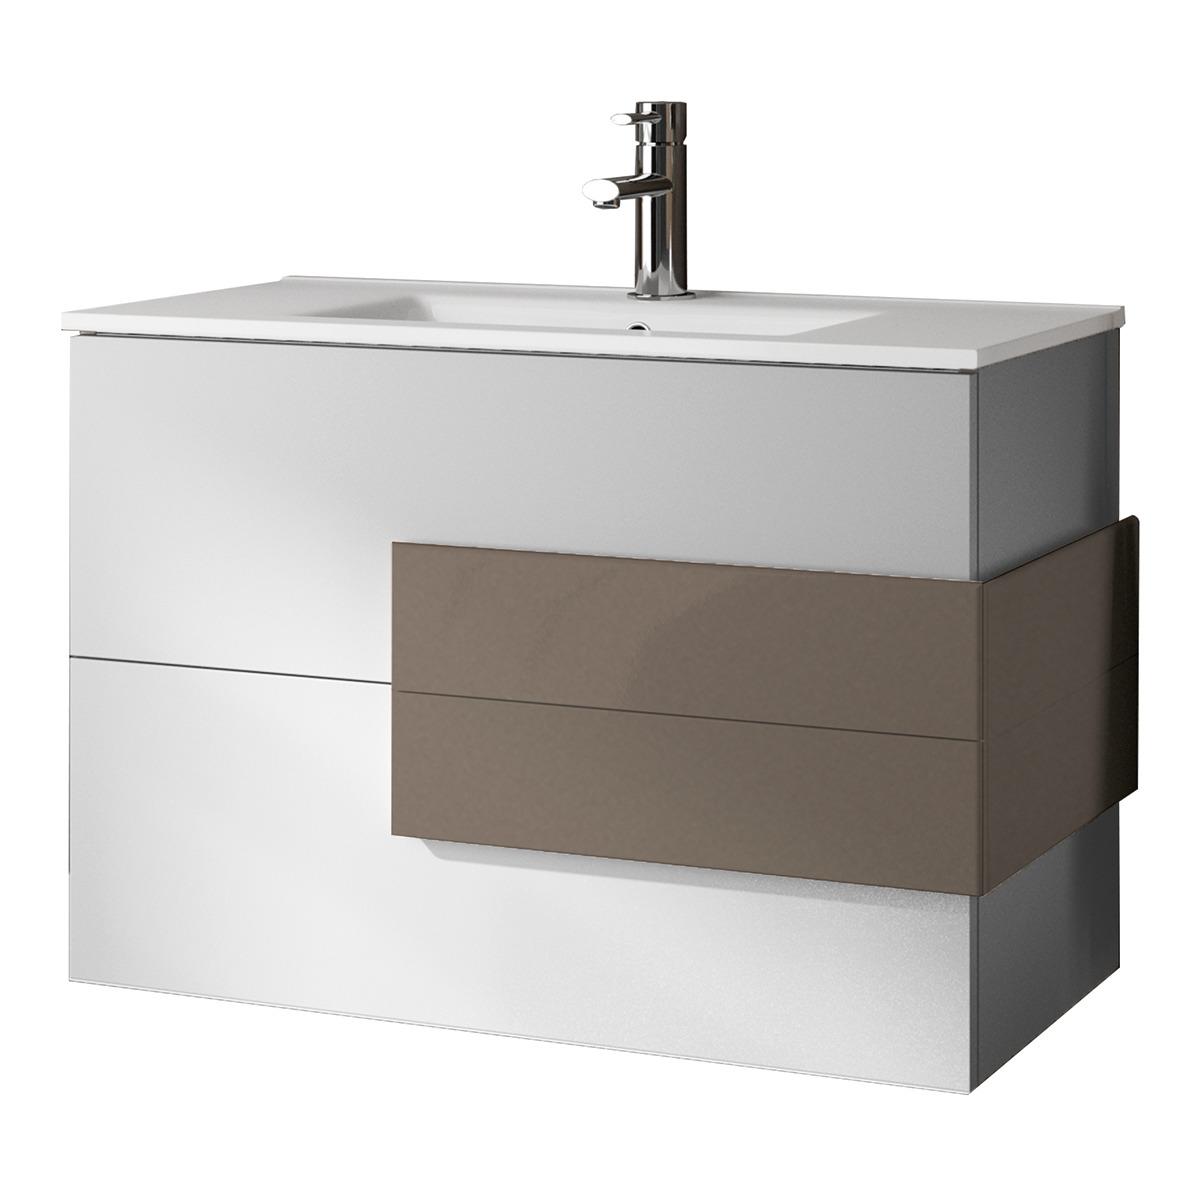 Mueble de baño Cronos Salgar